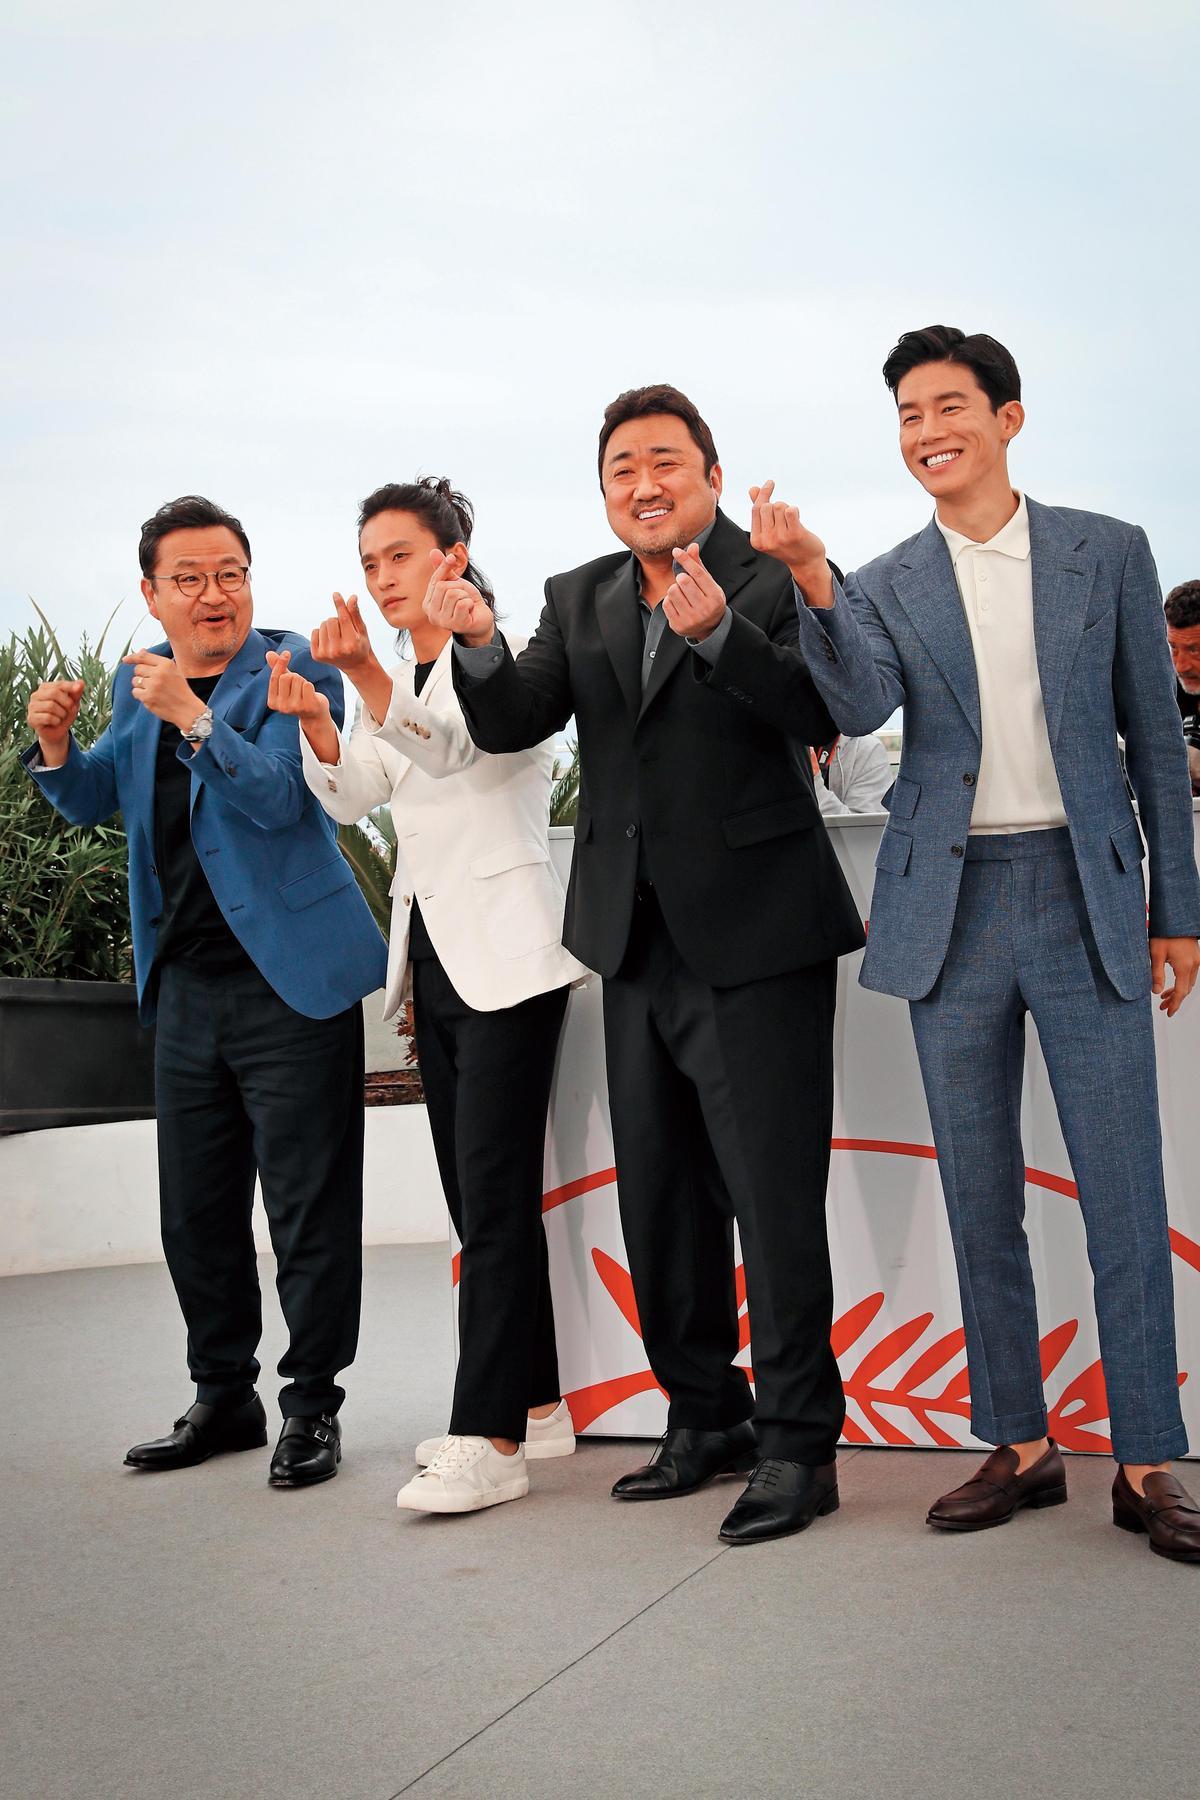 《極惡對決》在本屆坎城影展午夜放映單元受到觀眾歡迎,導演李元泰(左起)率演員金成圭、馬東石與金武烈比手指愛心。(東方IC)